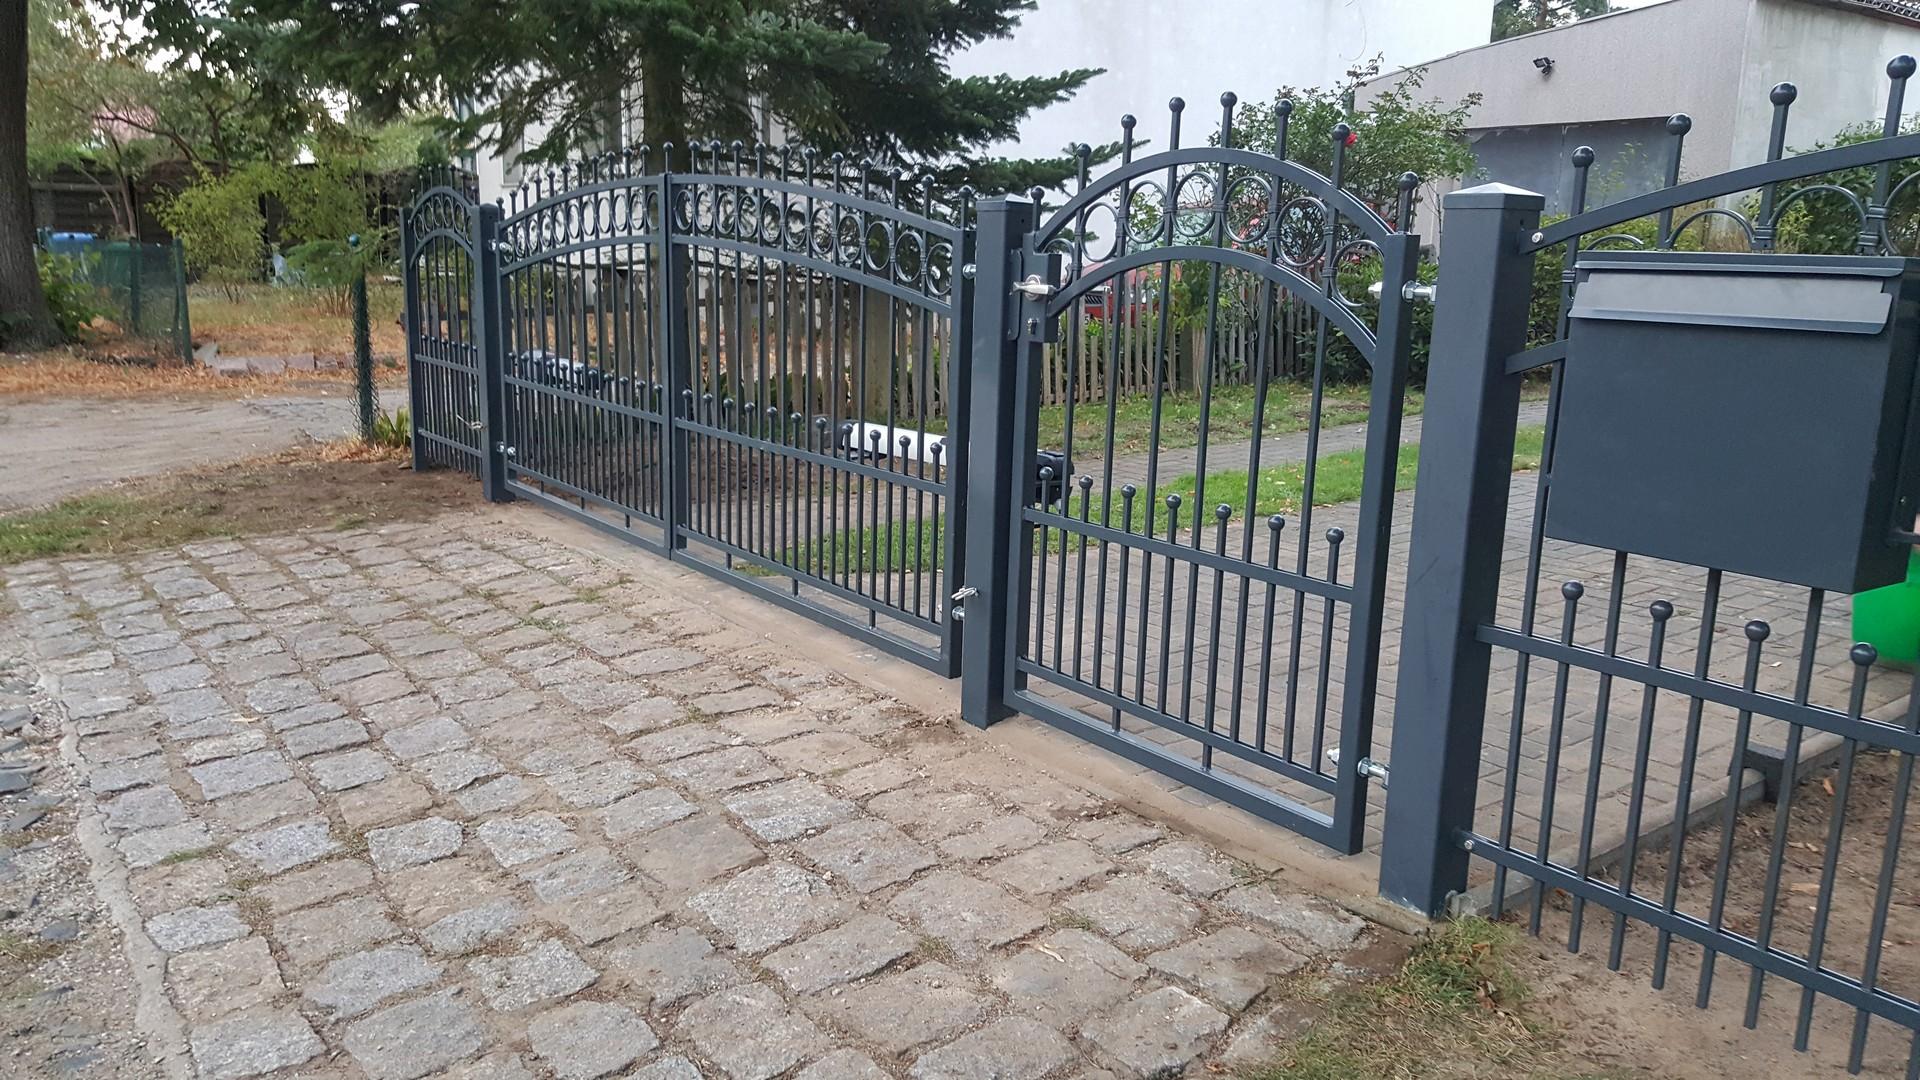 Schwarz Schön dekorierte Pforte, Tor und Zaun des Grundstücks